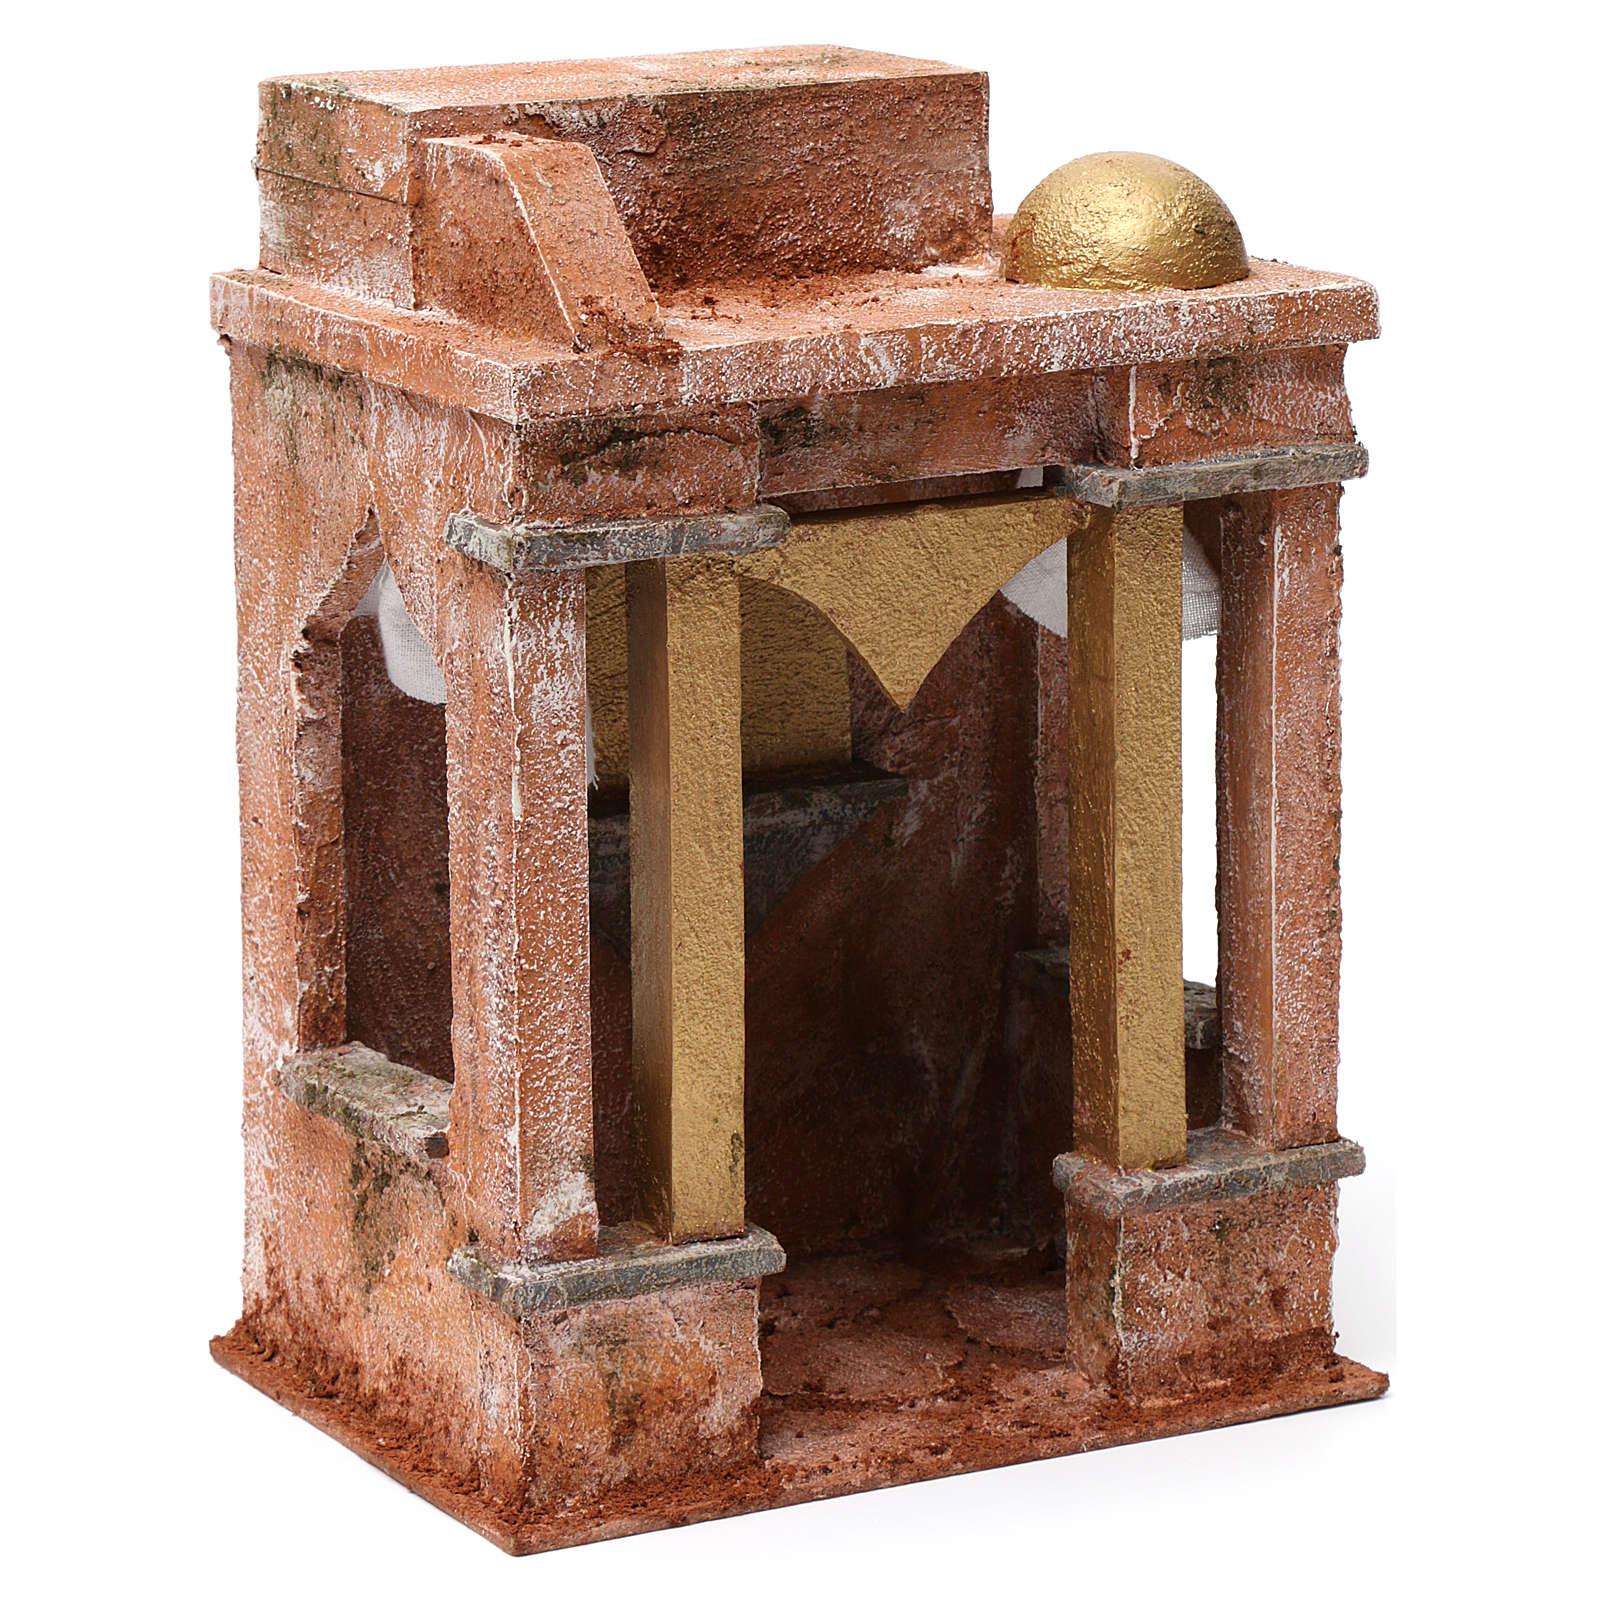 Décor arabe avec petit dôme rideaux sur les côtés et colonnes pour crèche 10 cm 25x15x20 cm 4